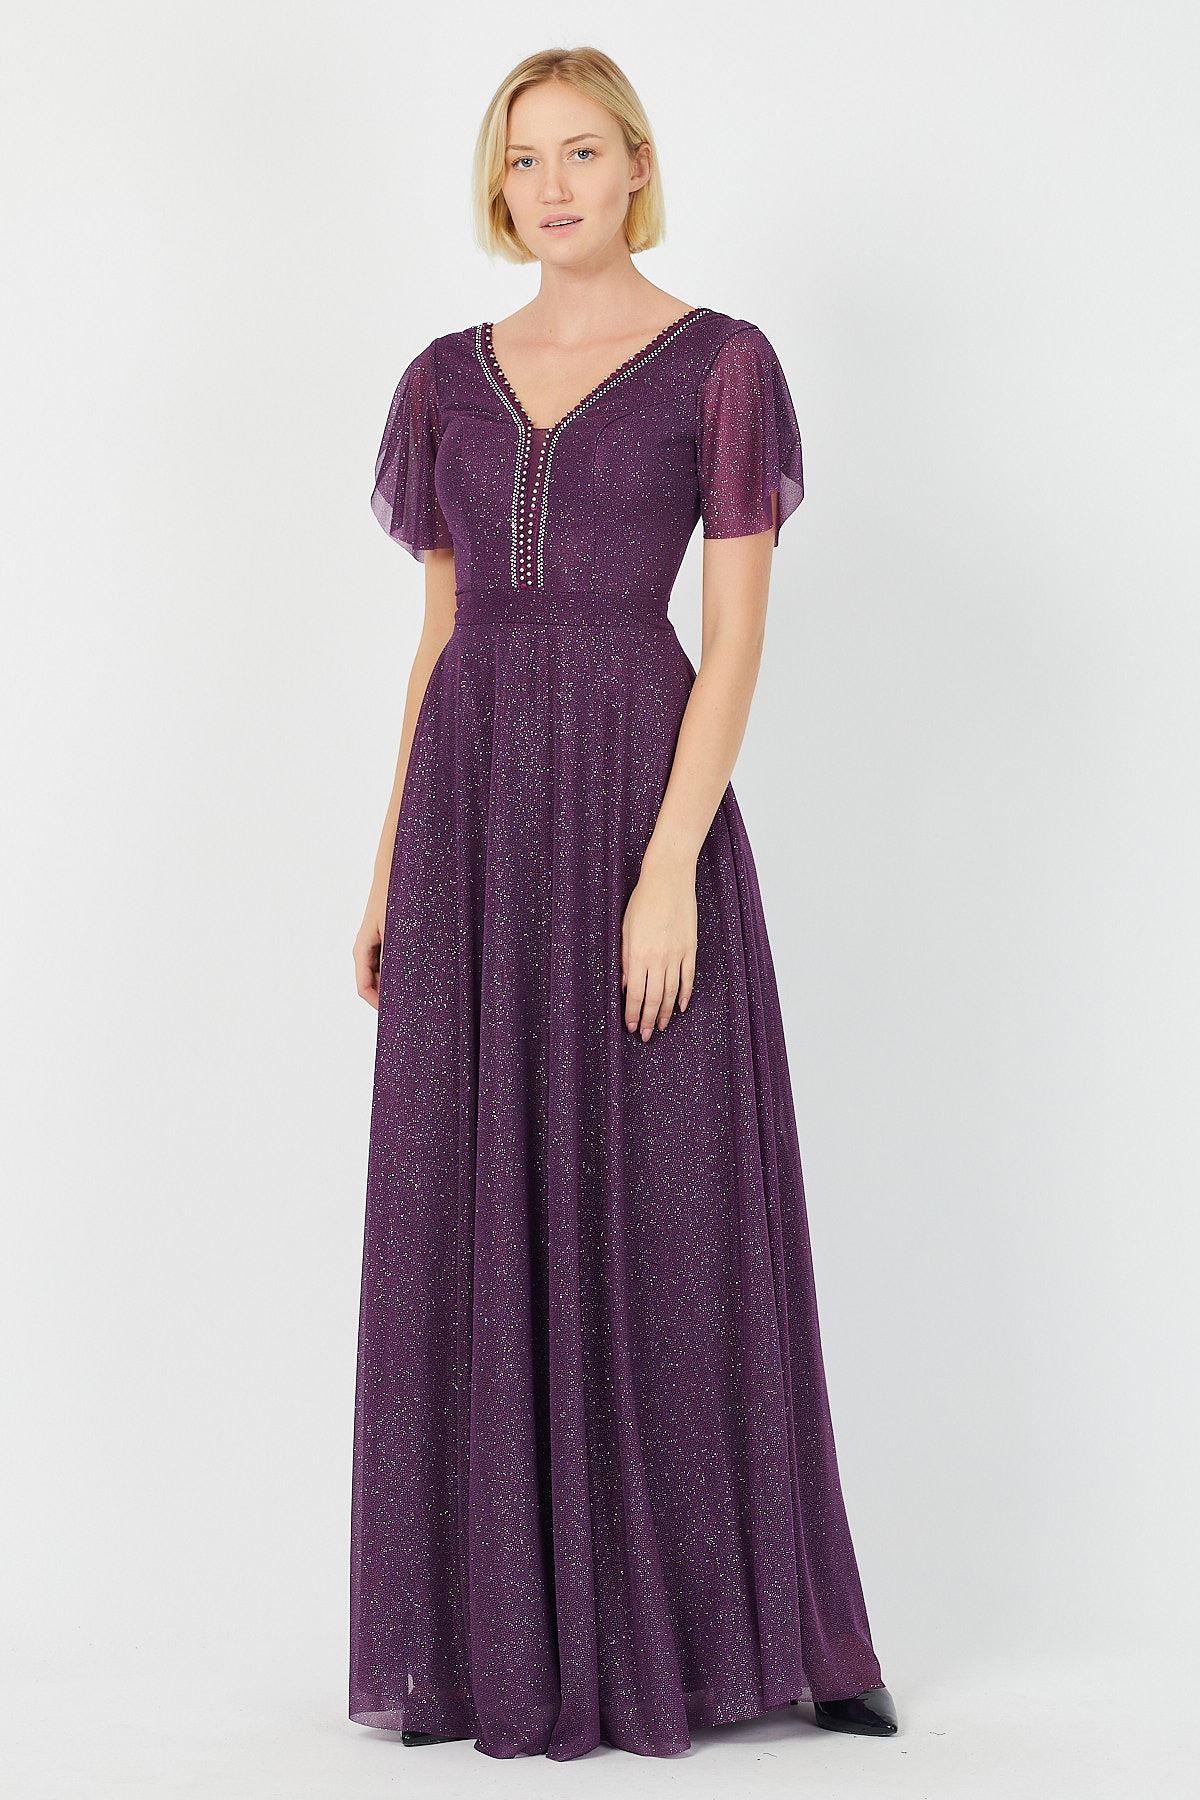 Göğsü Taşlı Simli Uzun Abiye Elbise